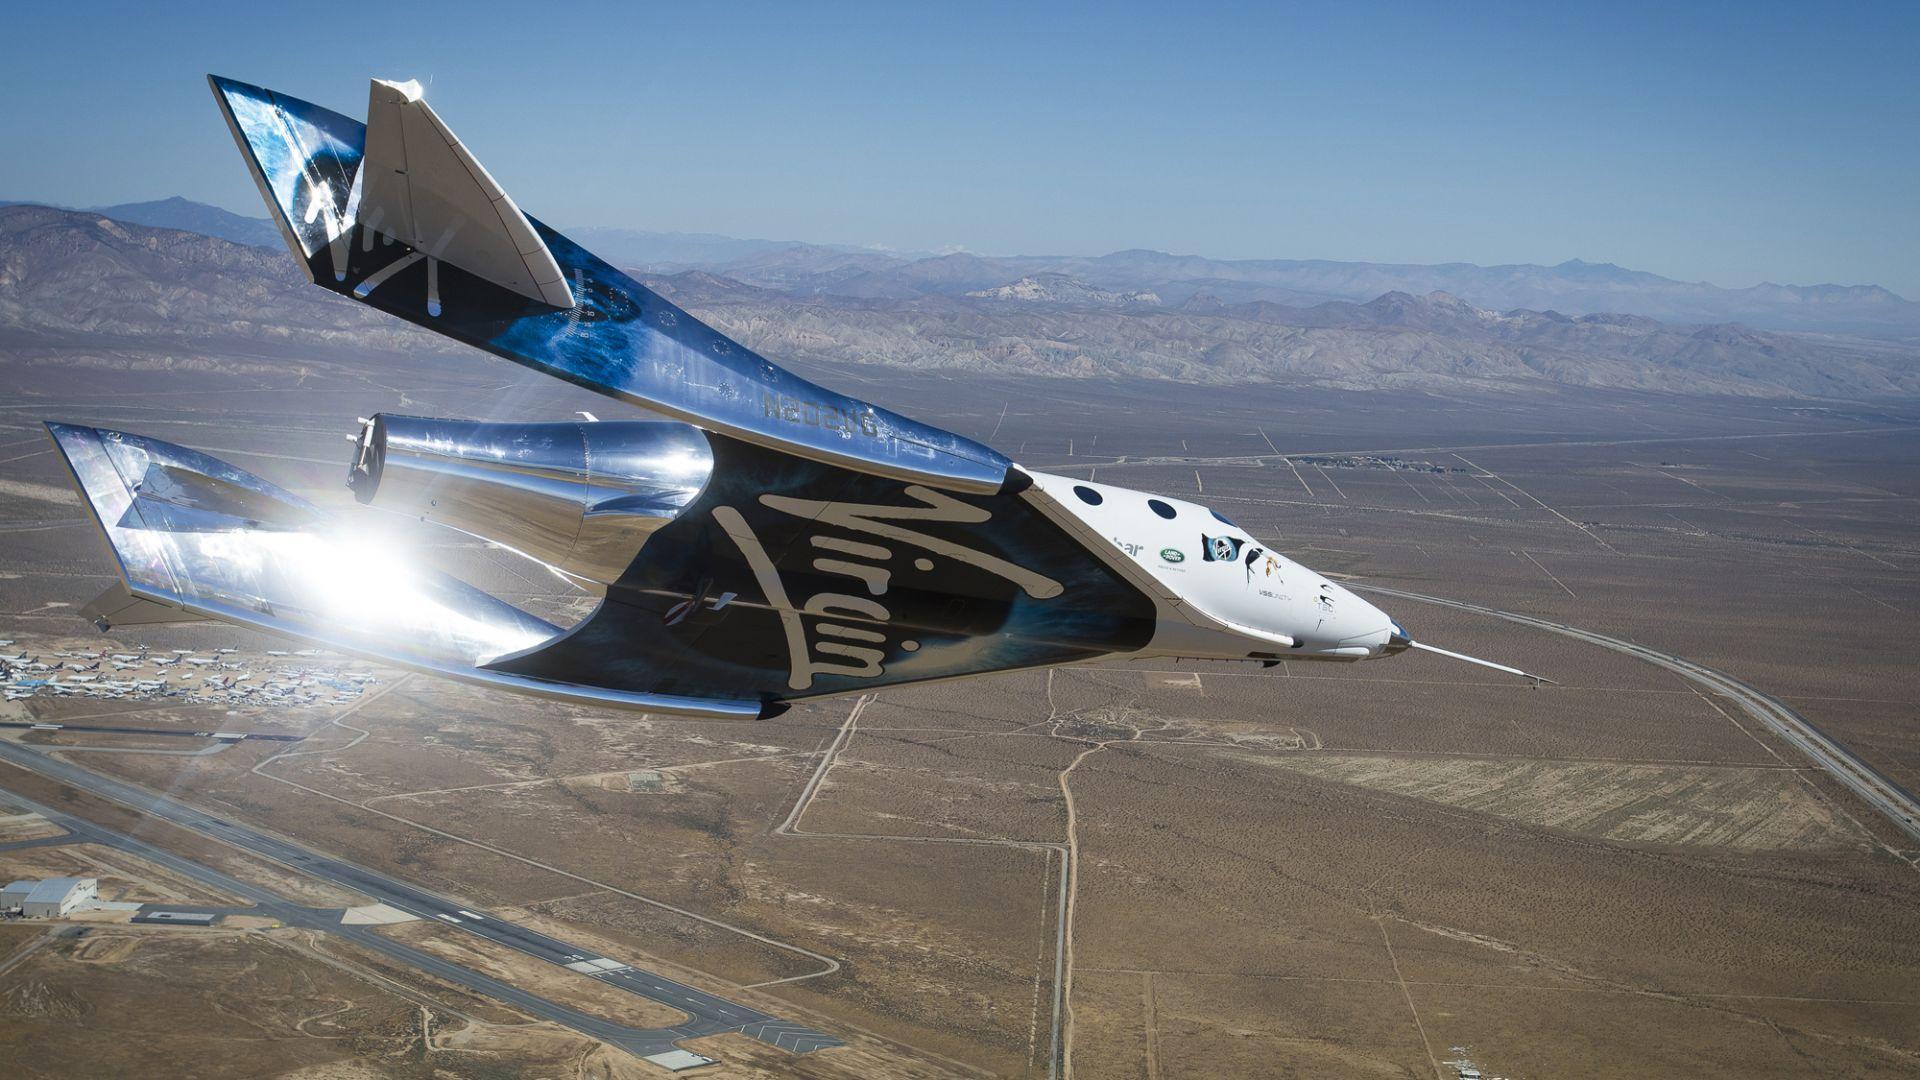 Ричард Брансън ще предлага редовни туристически полети в космоса от догодина